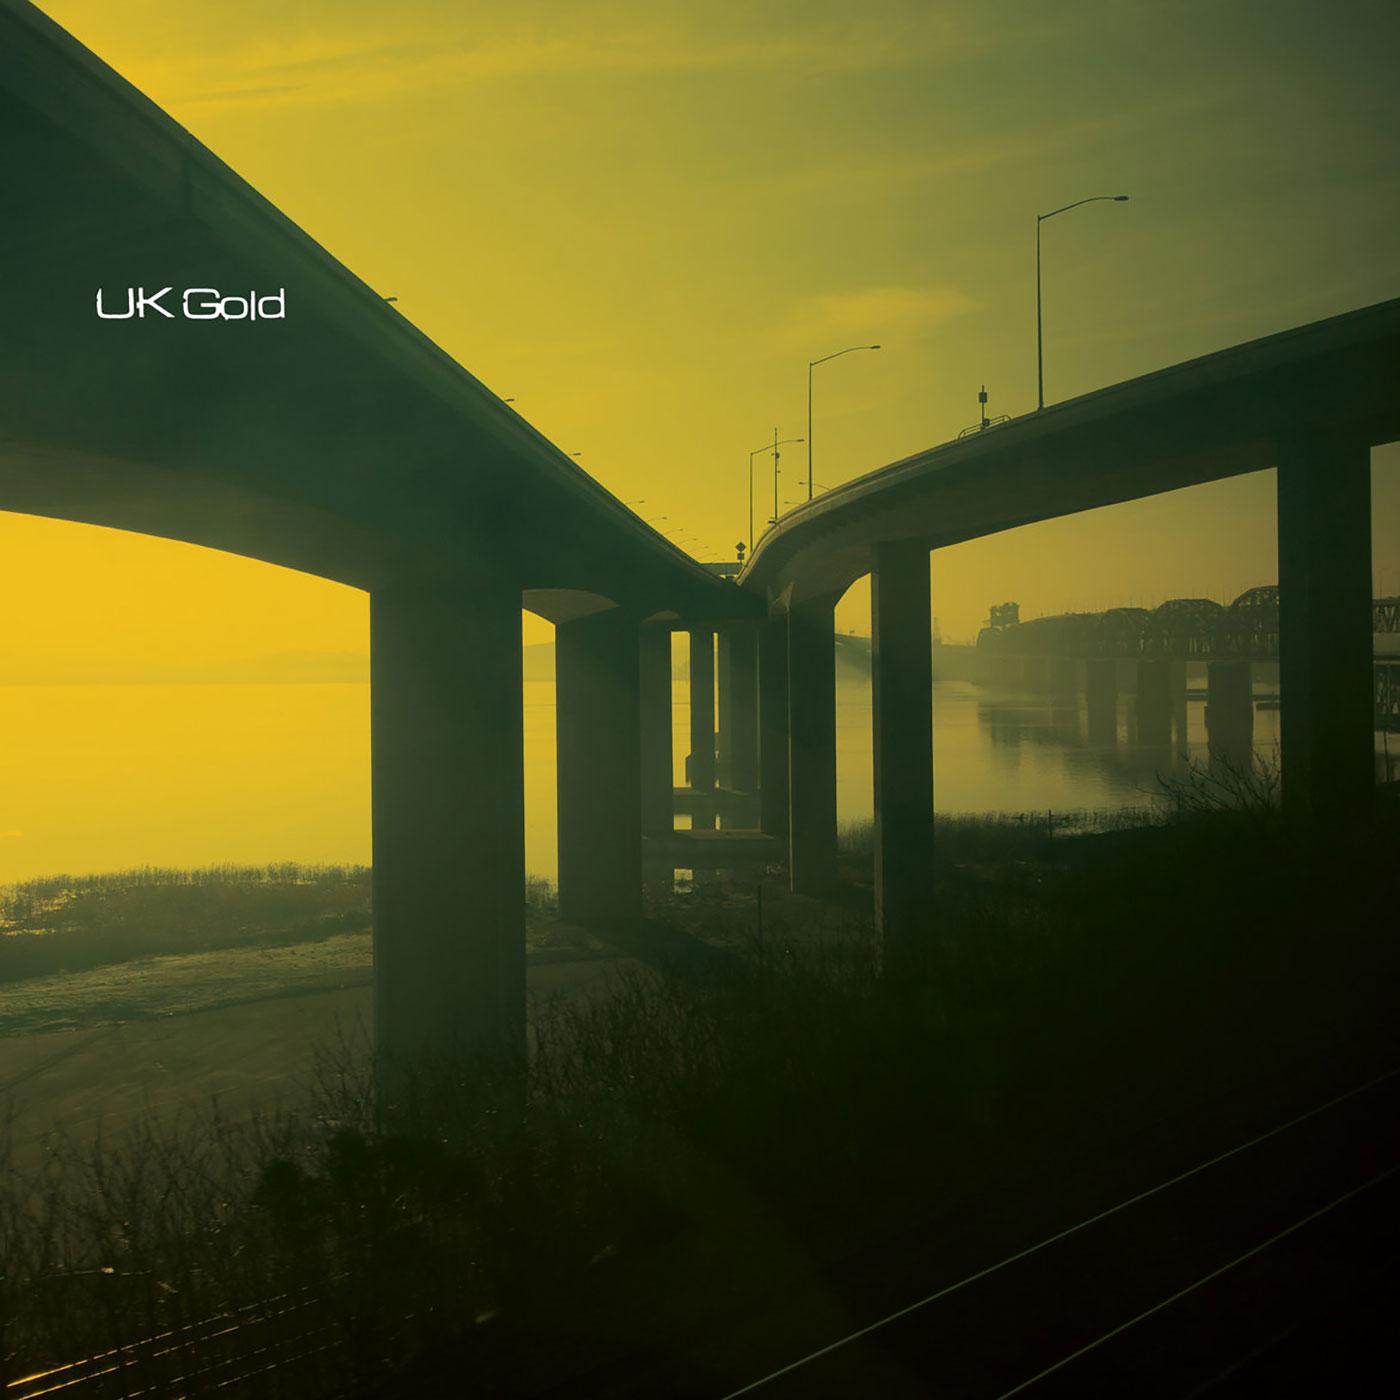 UK Gold - Epigram No. 2 LP